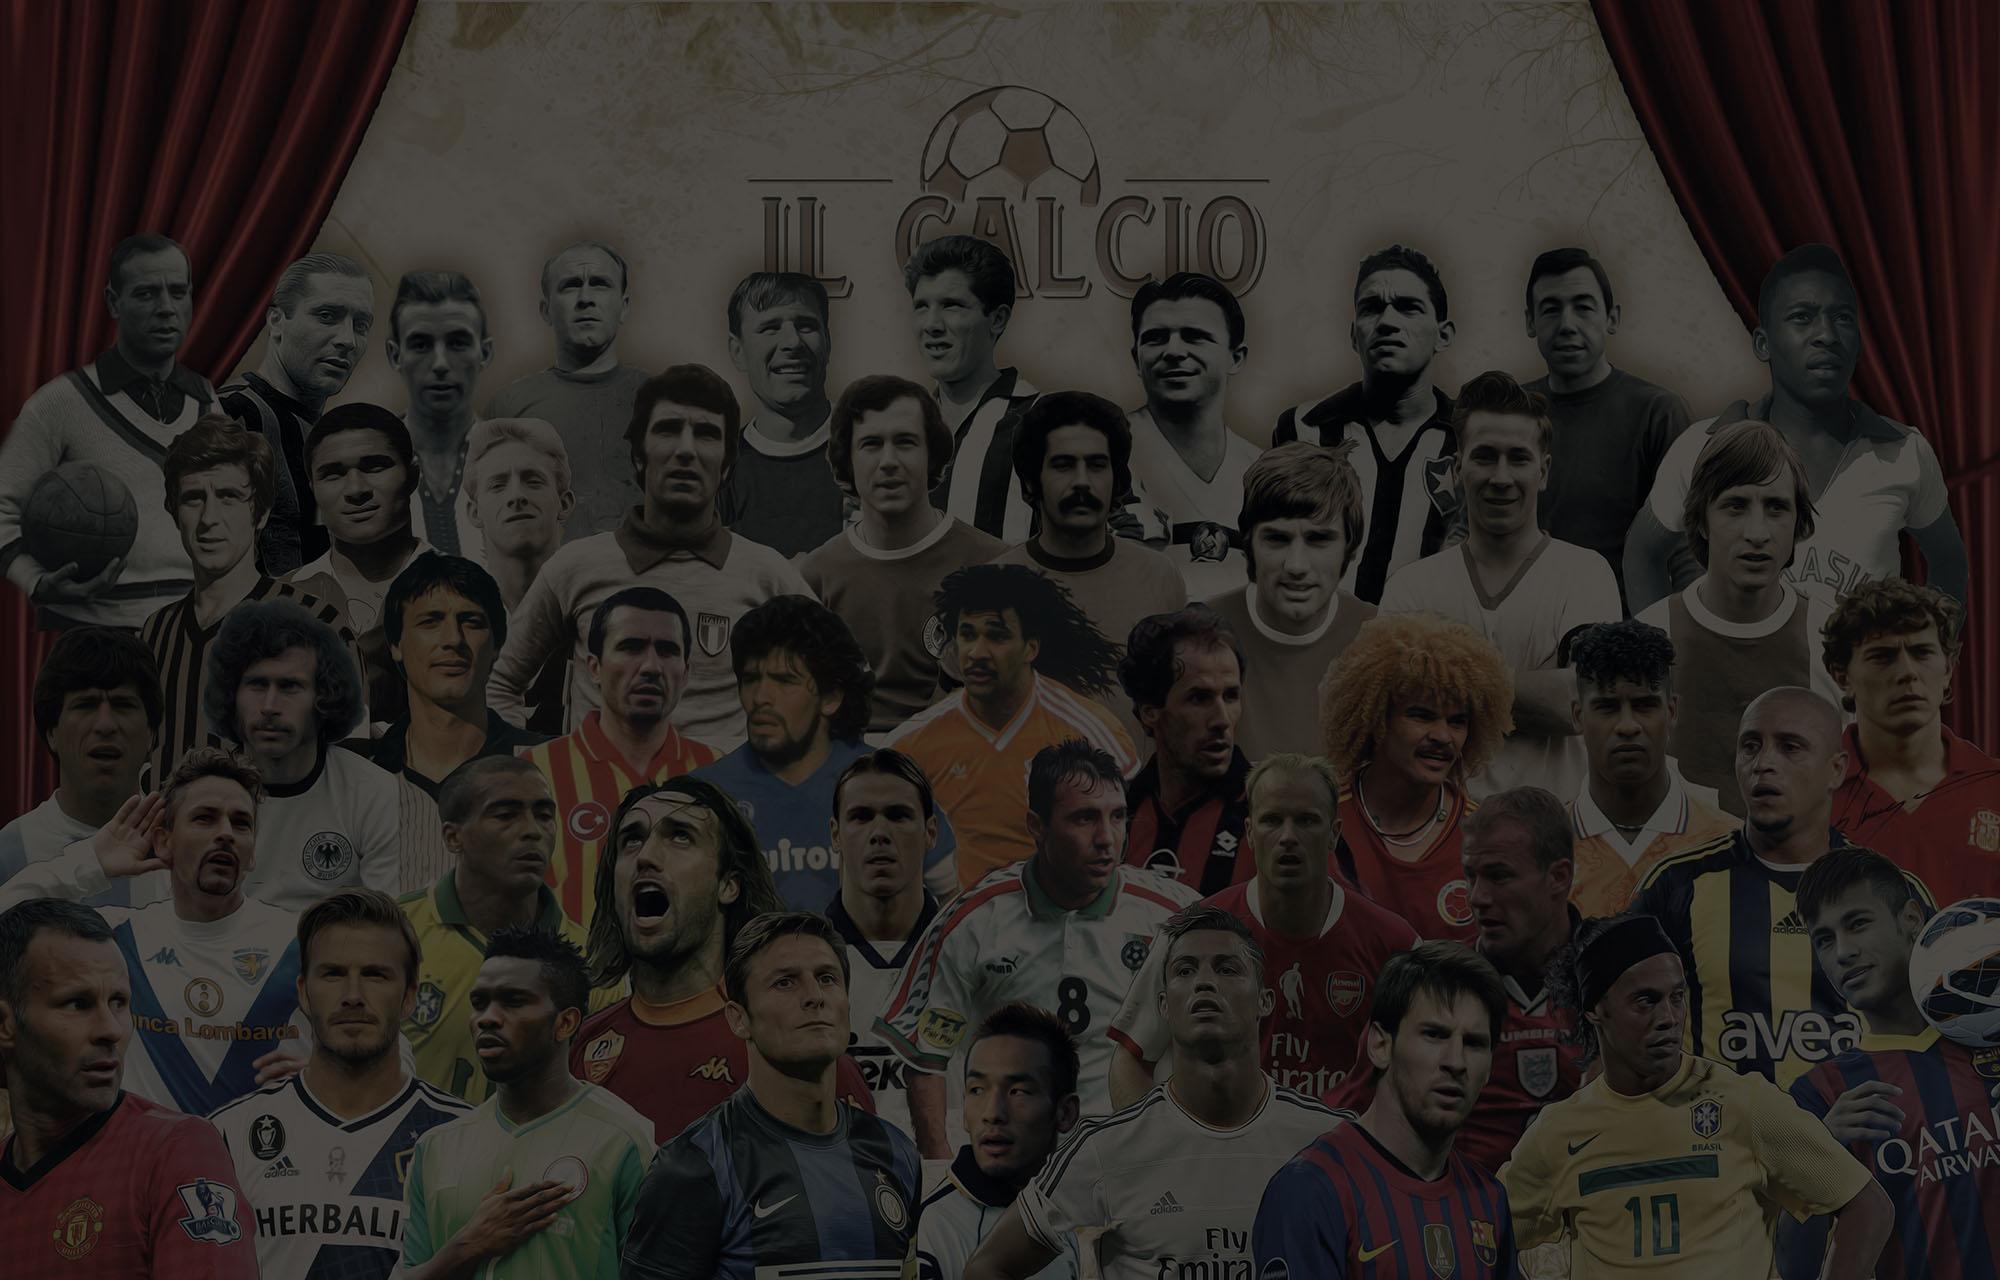 Il Calcio – Ristorante & Trattoria